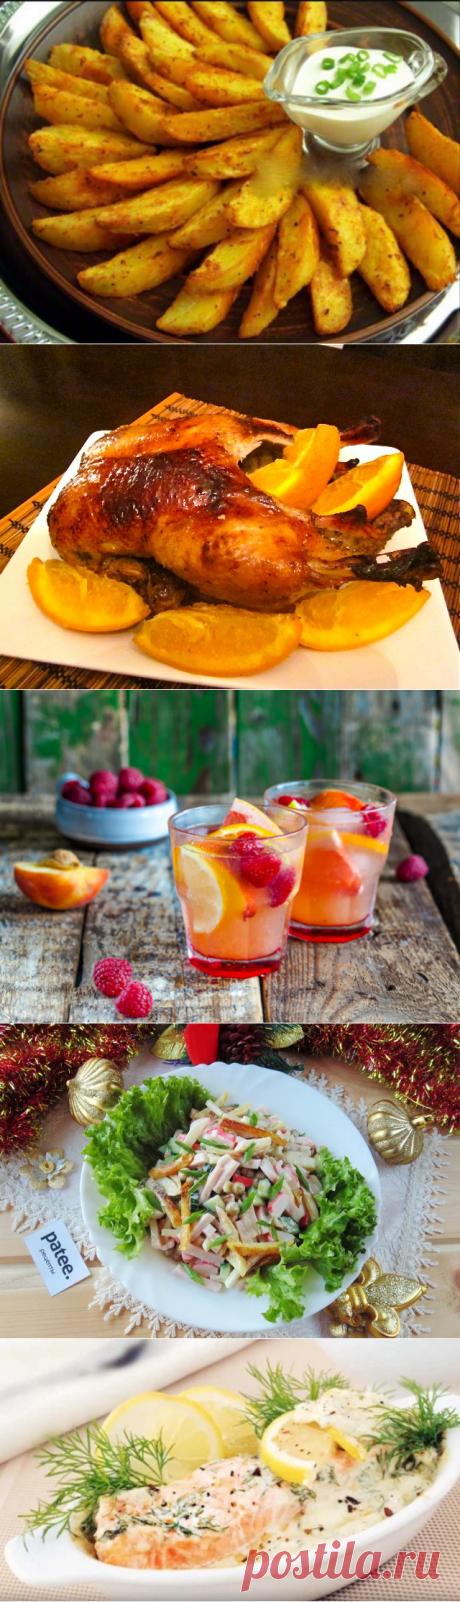 11 блюд, которые идеально подходят к меню на Новый год